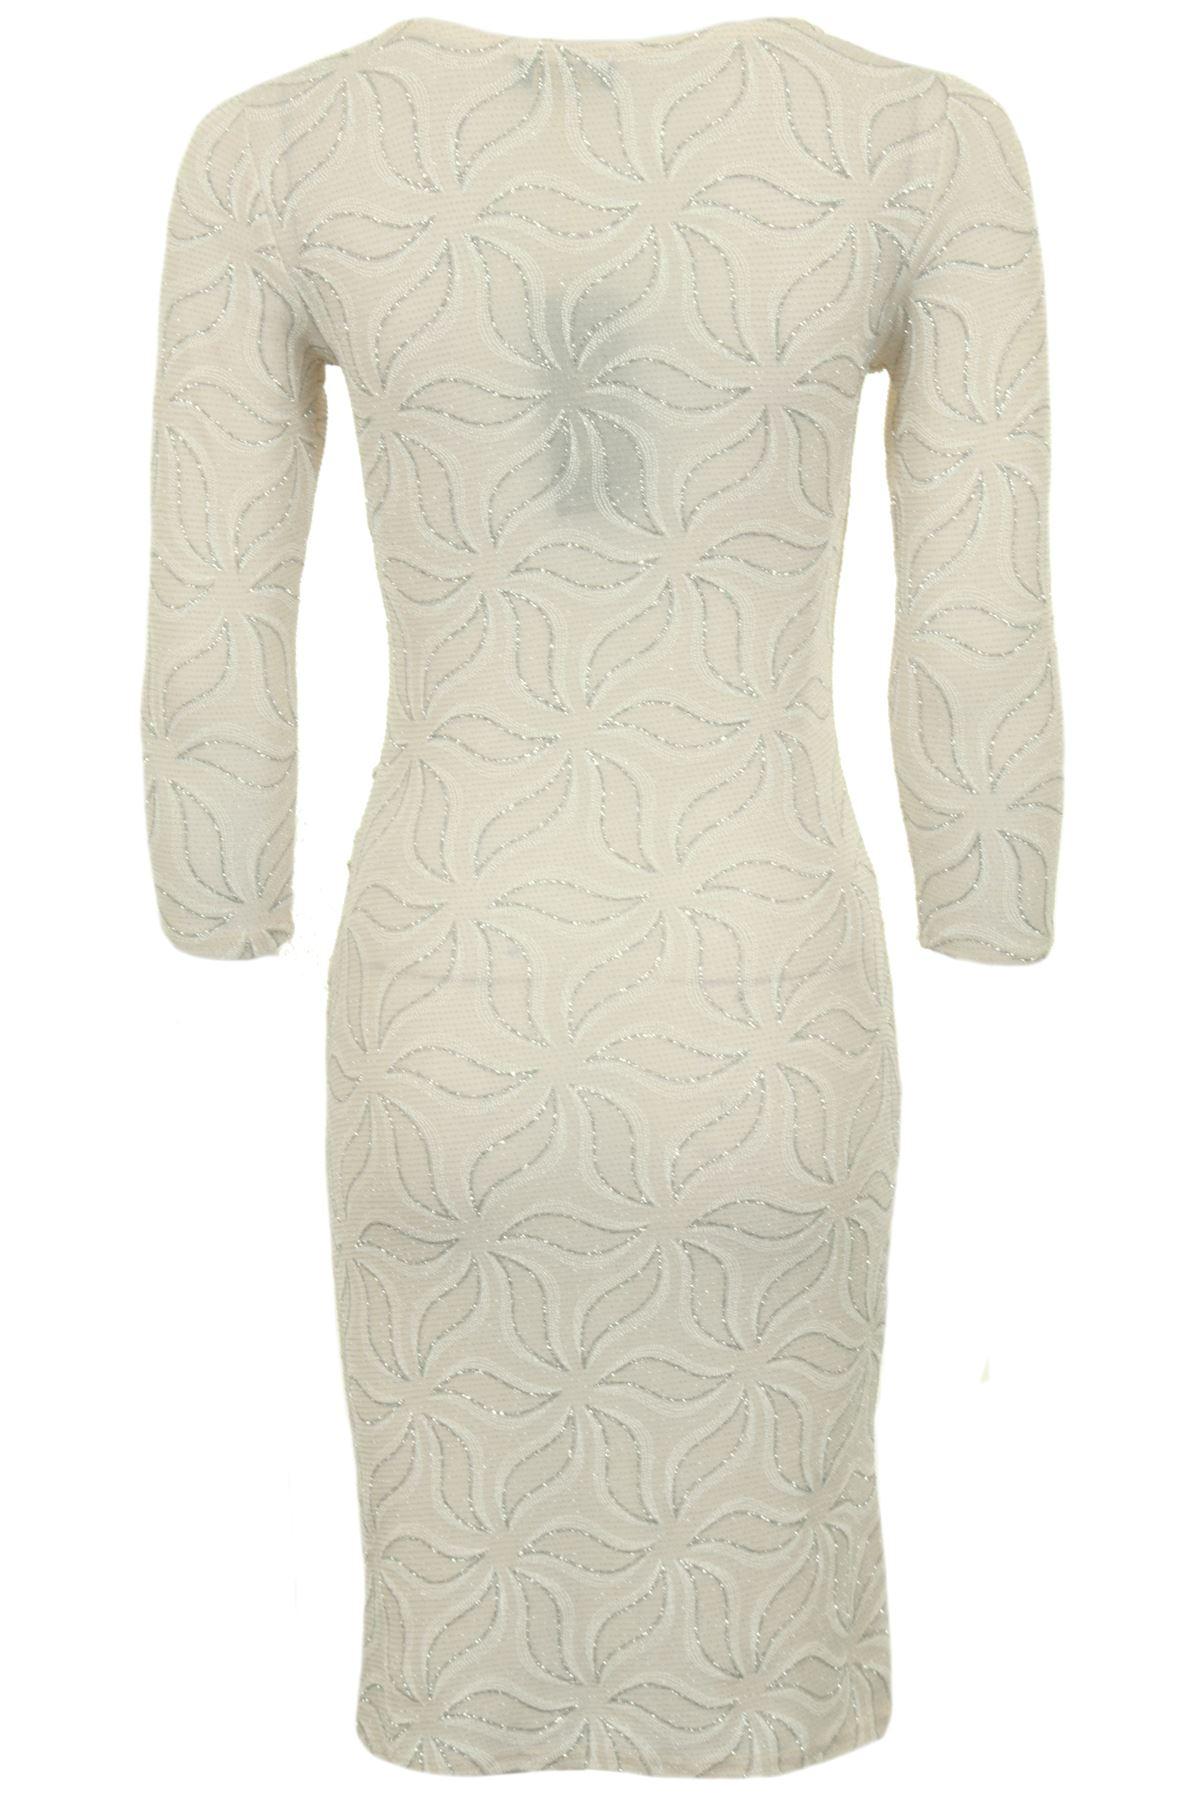 Femmes manches 3//4 floral leaf sparkle glitter lurex moulante froncée midi robe